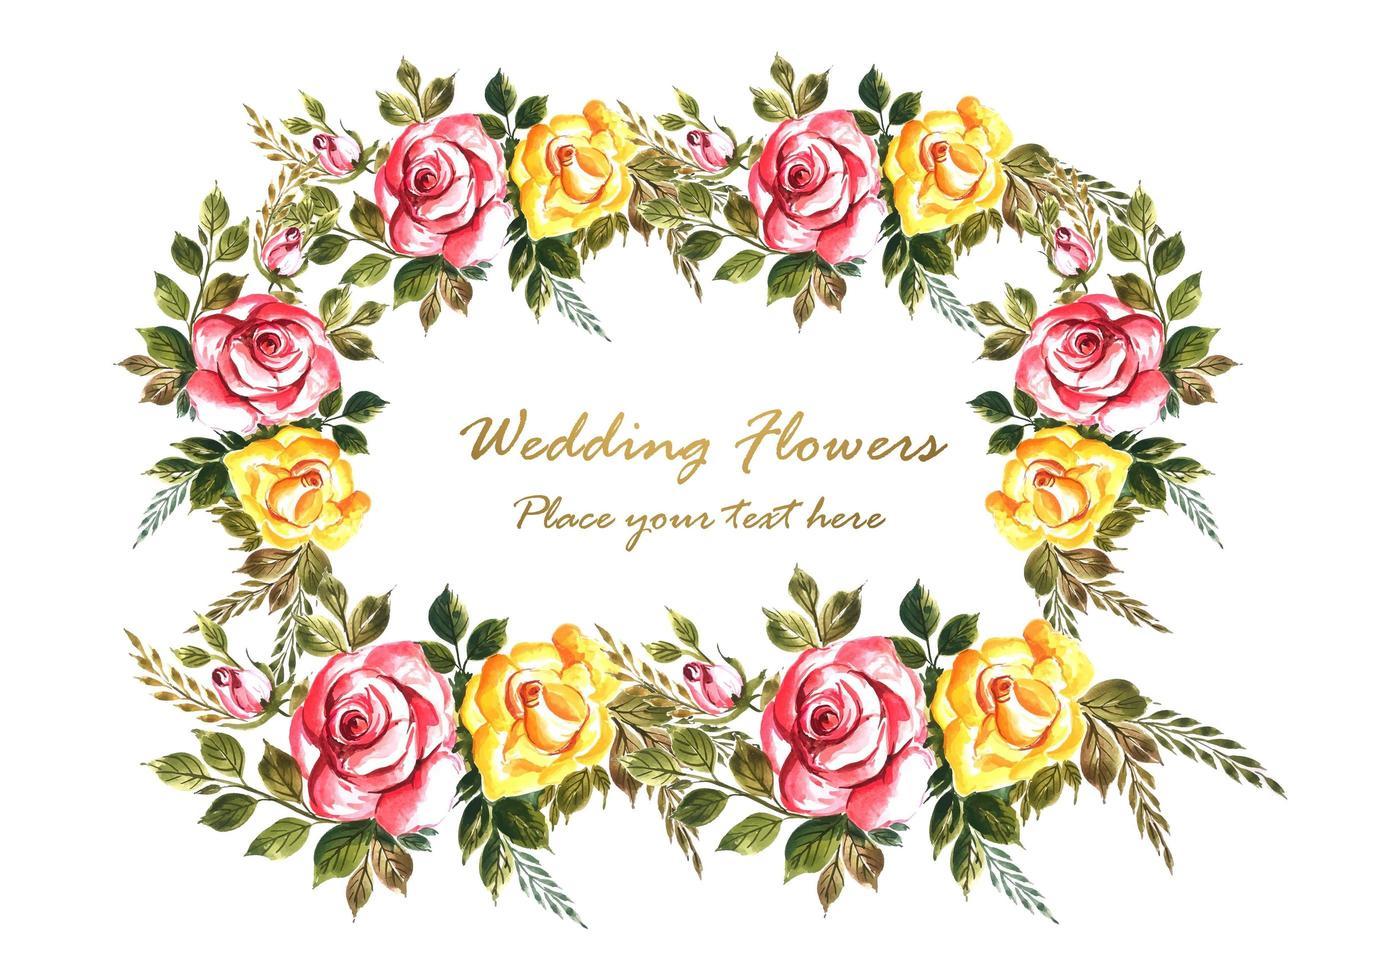 Romantisch huwelijk bloemen kaart achtergrond vector